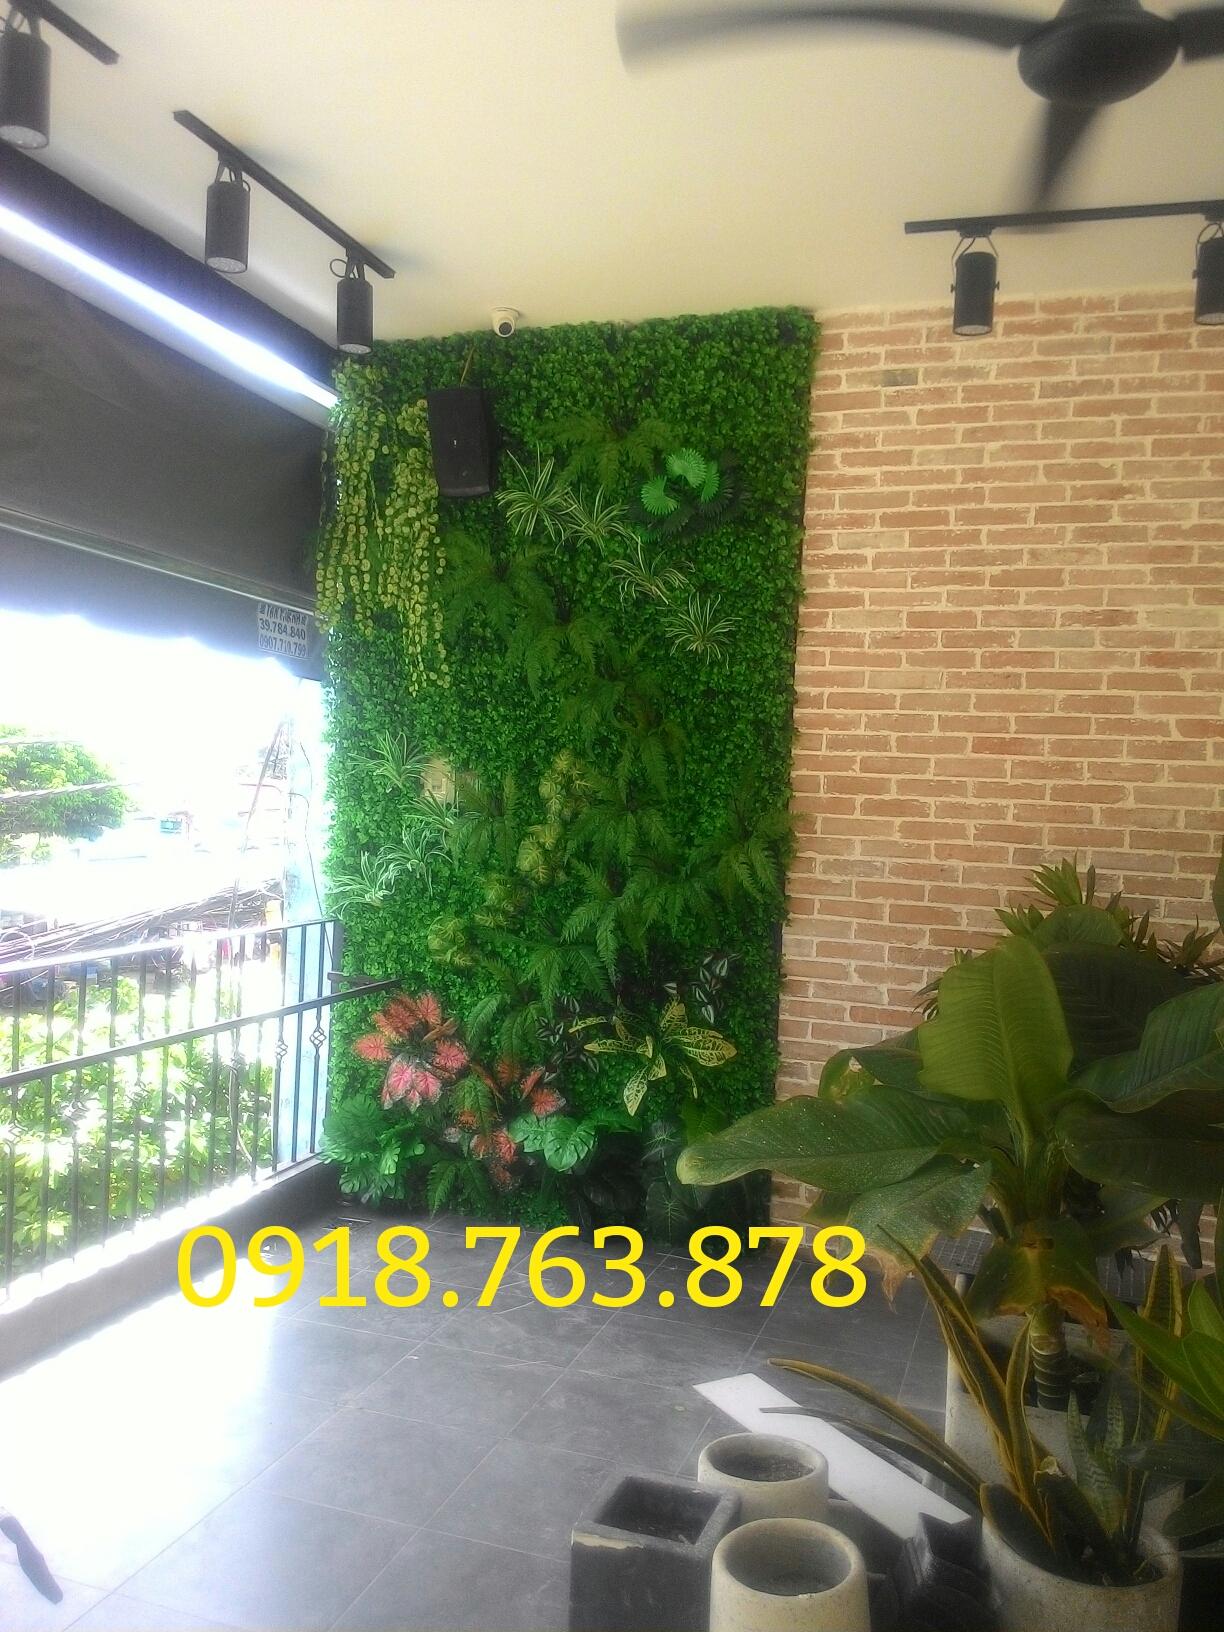 Thi công tường cây cỏ giả trang trí quán cafe THE FRIENDS quận thủ đức